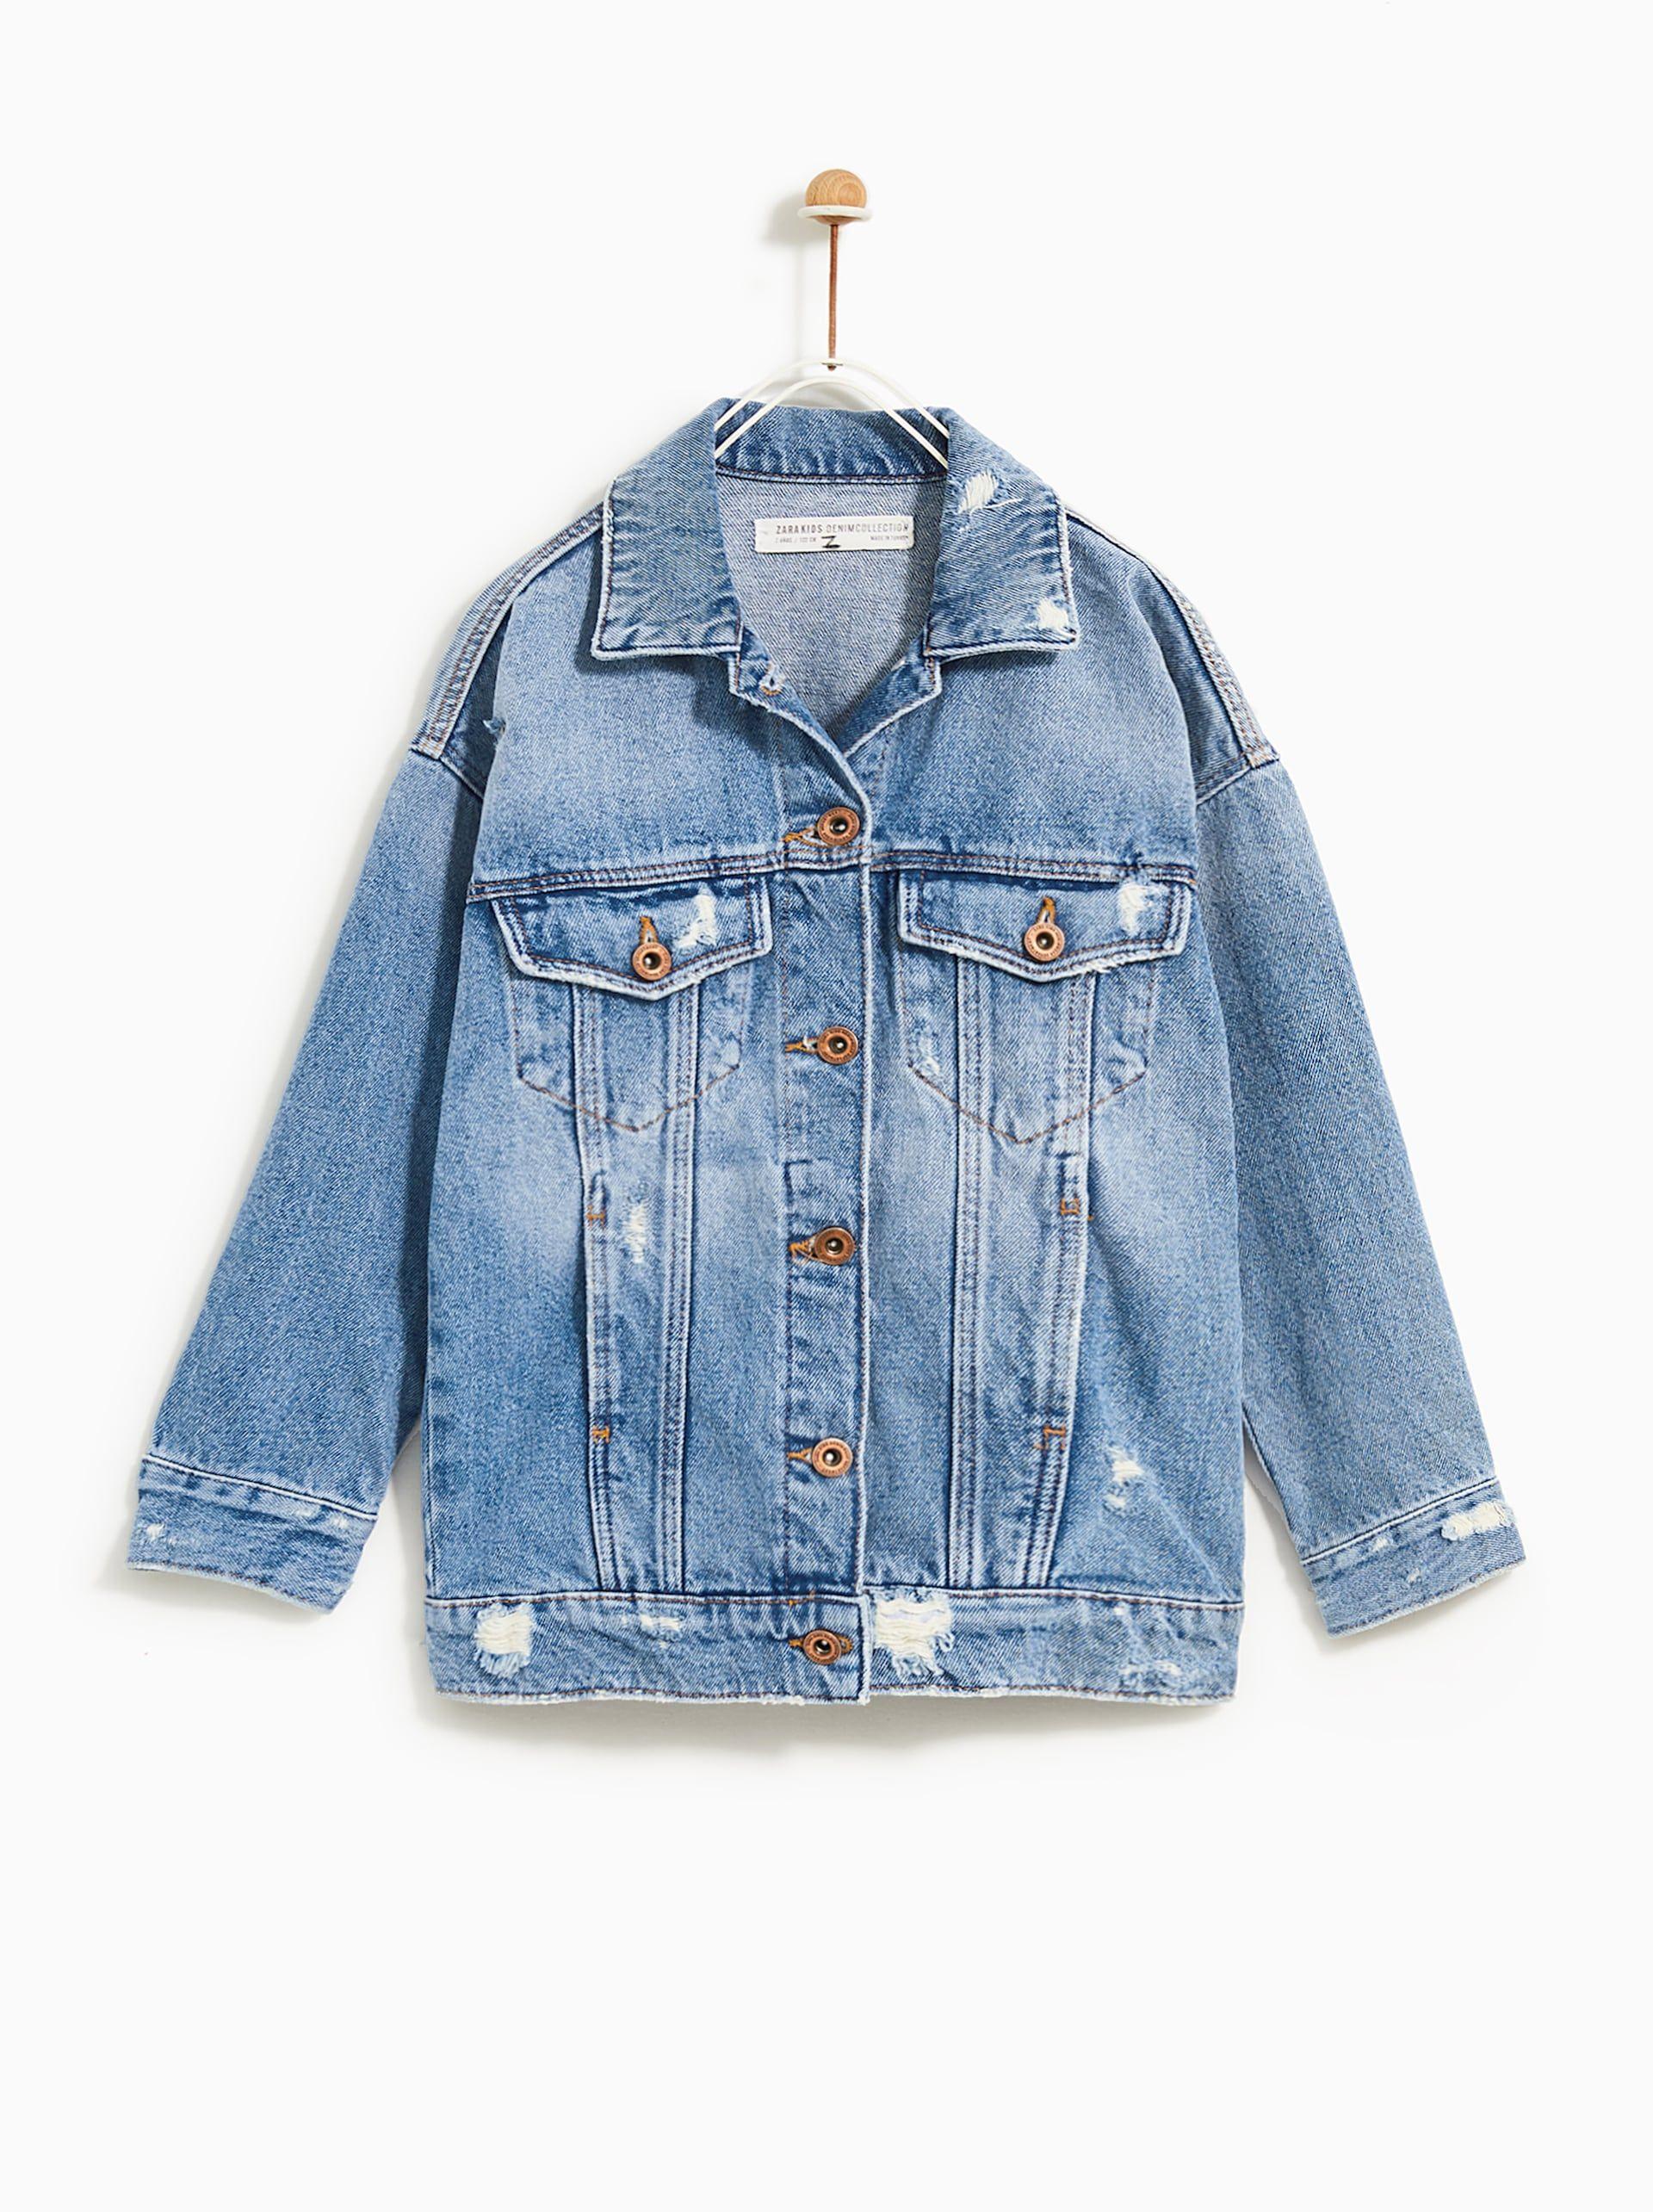 Obemnaya Dzhinsovka Jean Jacket Outfits Jackets Denim Jacket [ 2569 x 1920 Pixel ]